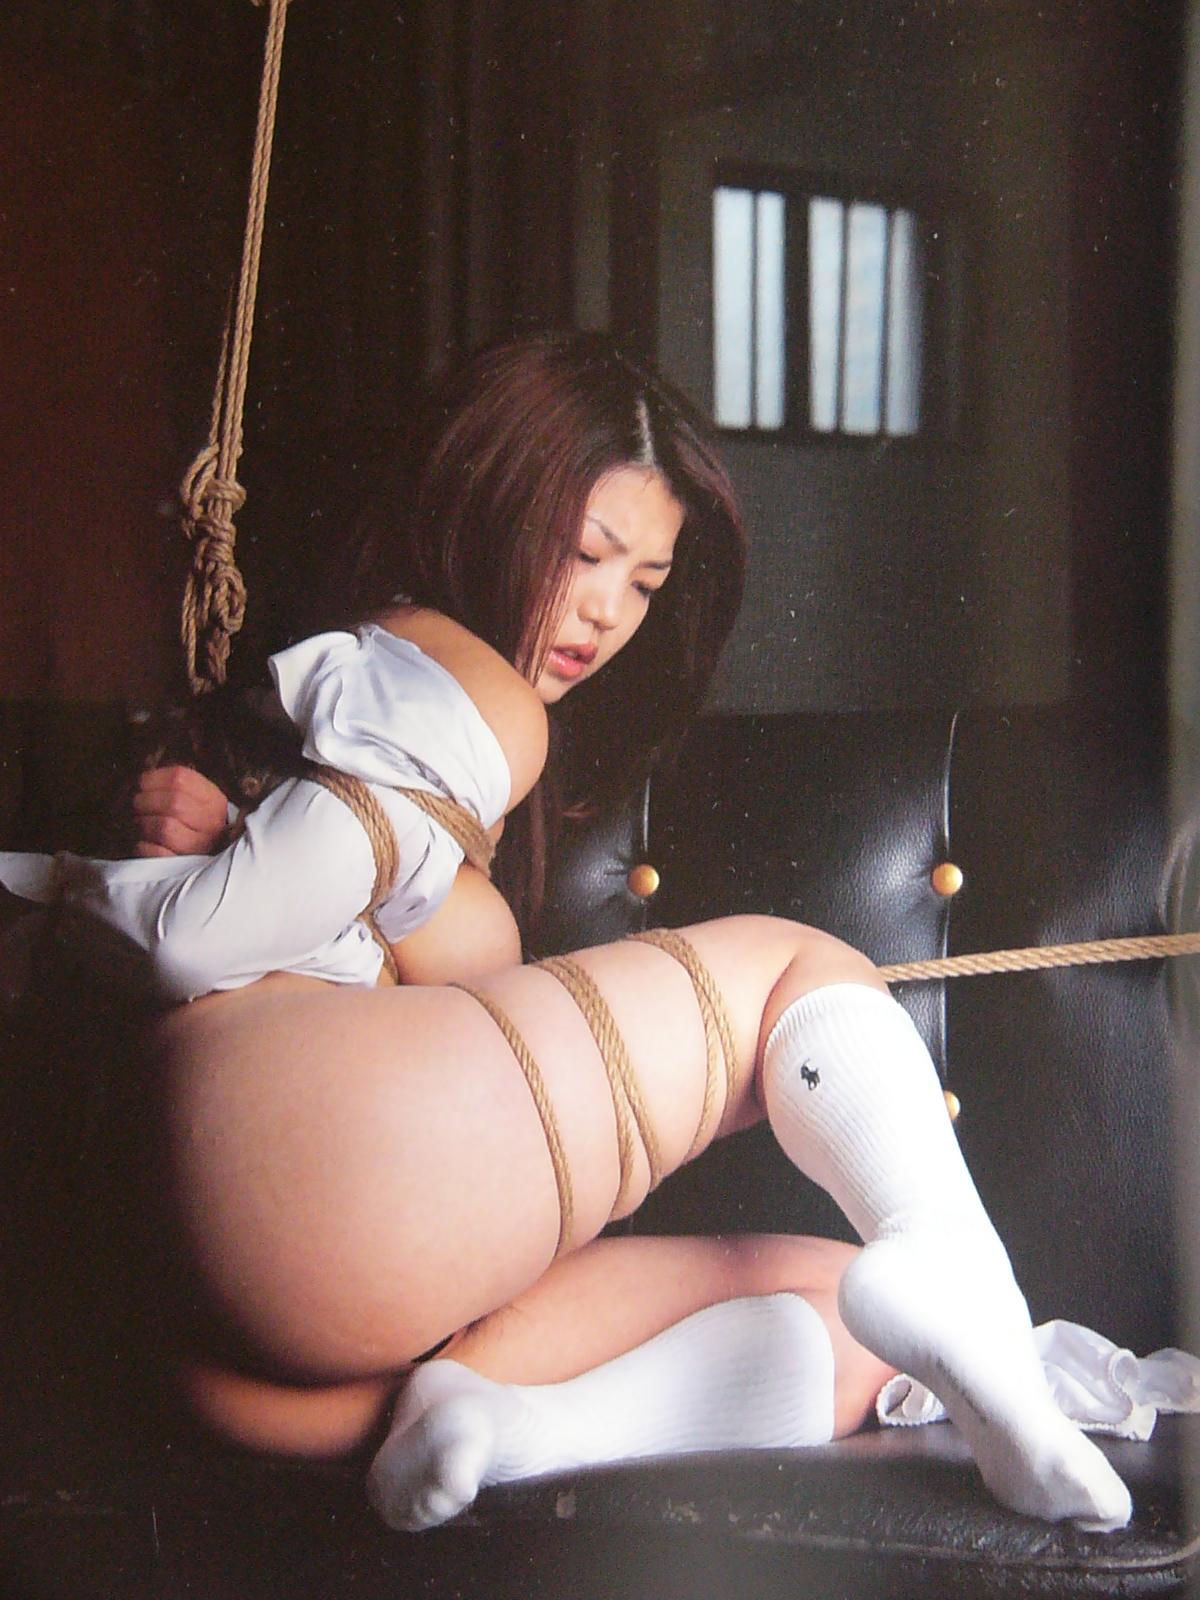 【SM画像】半泣き顔がポイントwww制服女子の緊縛画像 09